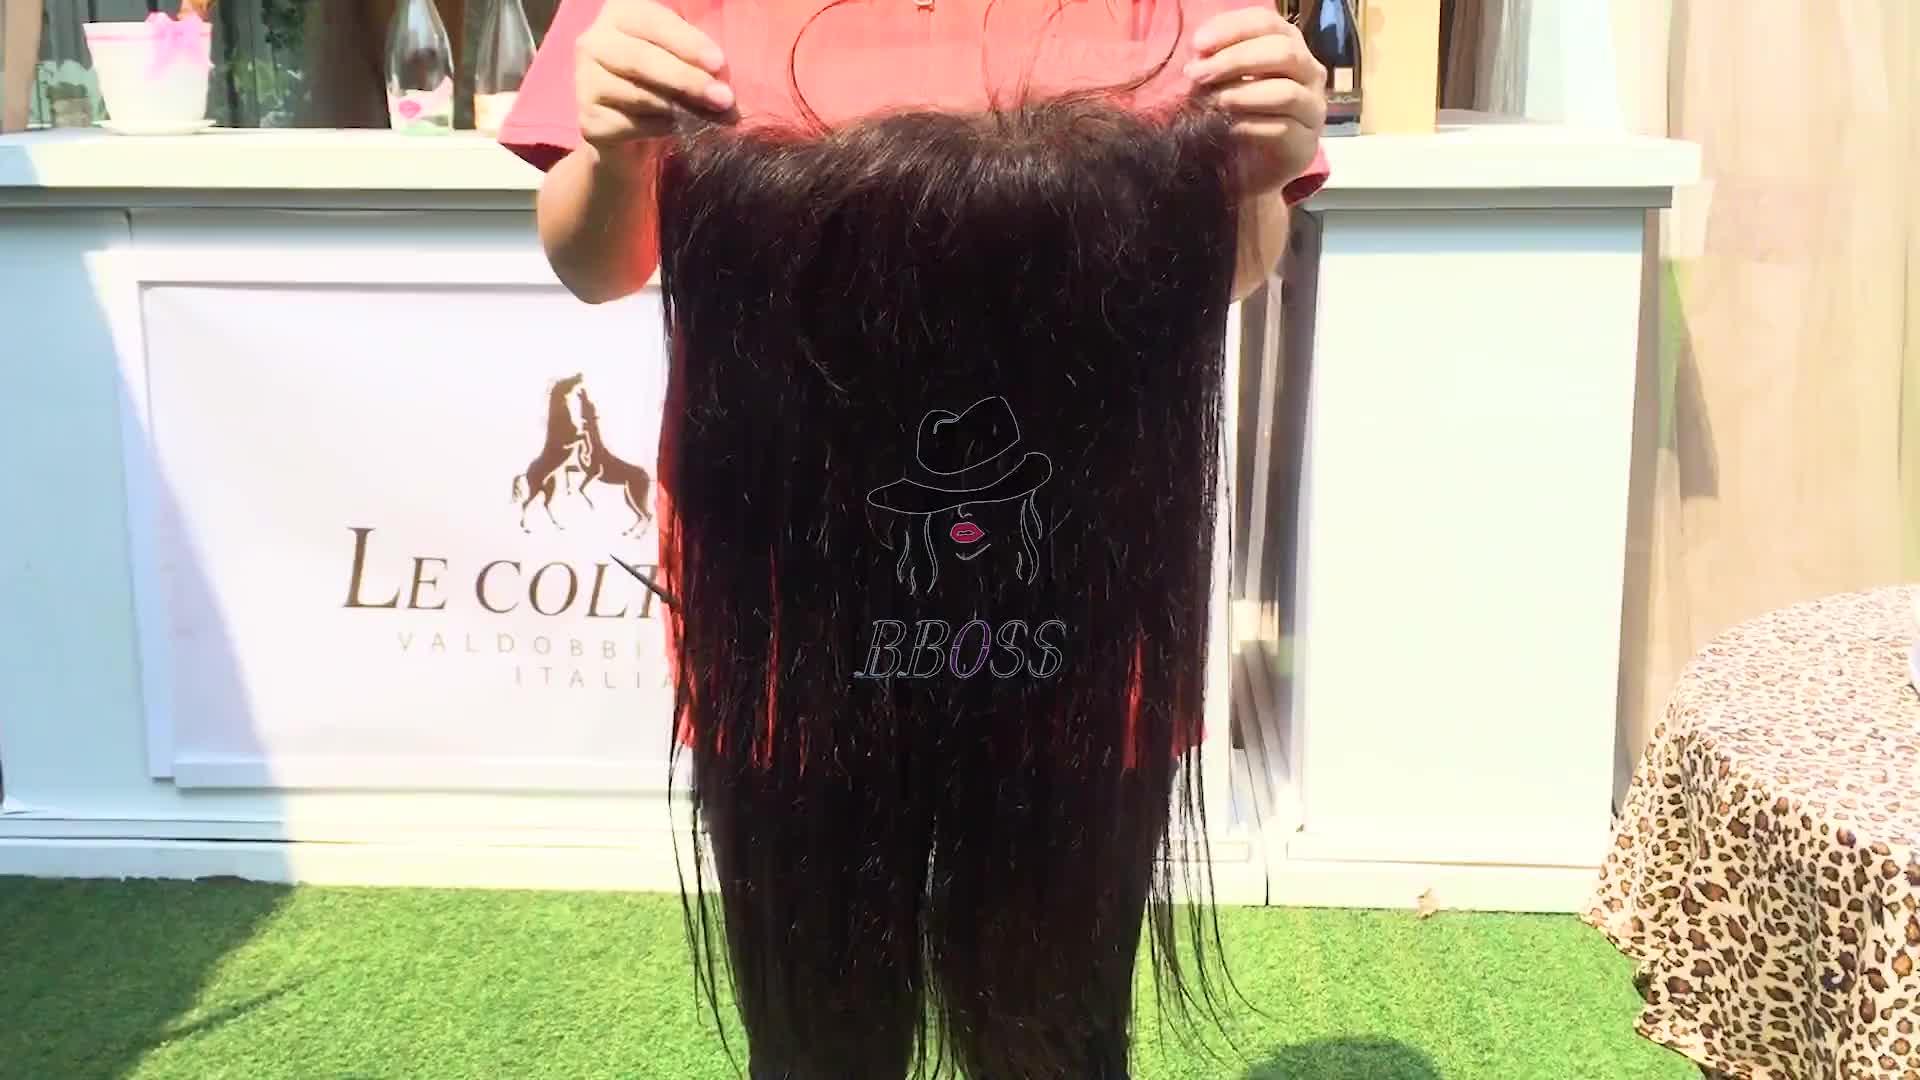 Cuticola allineati diritta dei capelli umani di 360 parrucca del merletto frontale con i capelli del bambino, 360 parrucca del merletto, prime vergini svizzero dei capelli umani parrucca anteriore del merletto